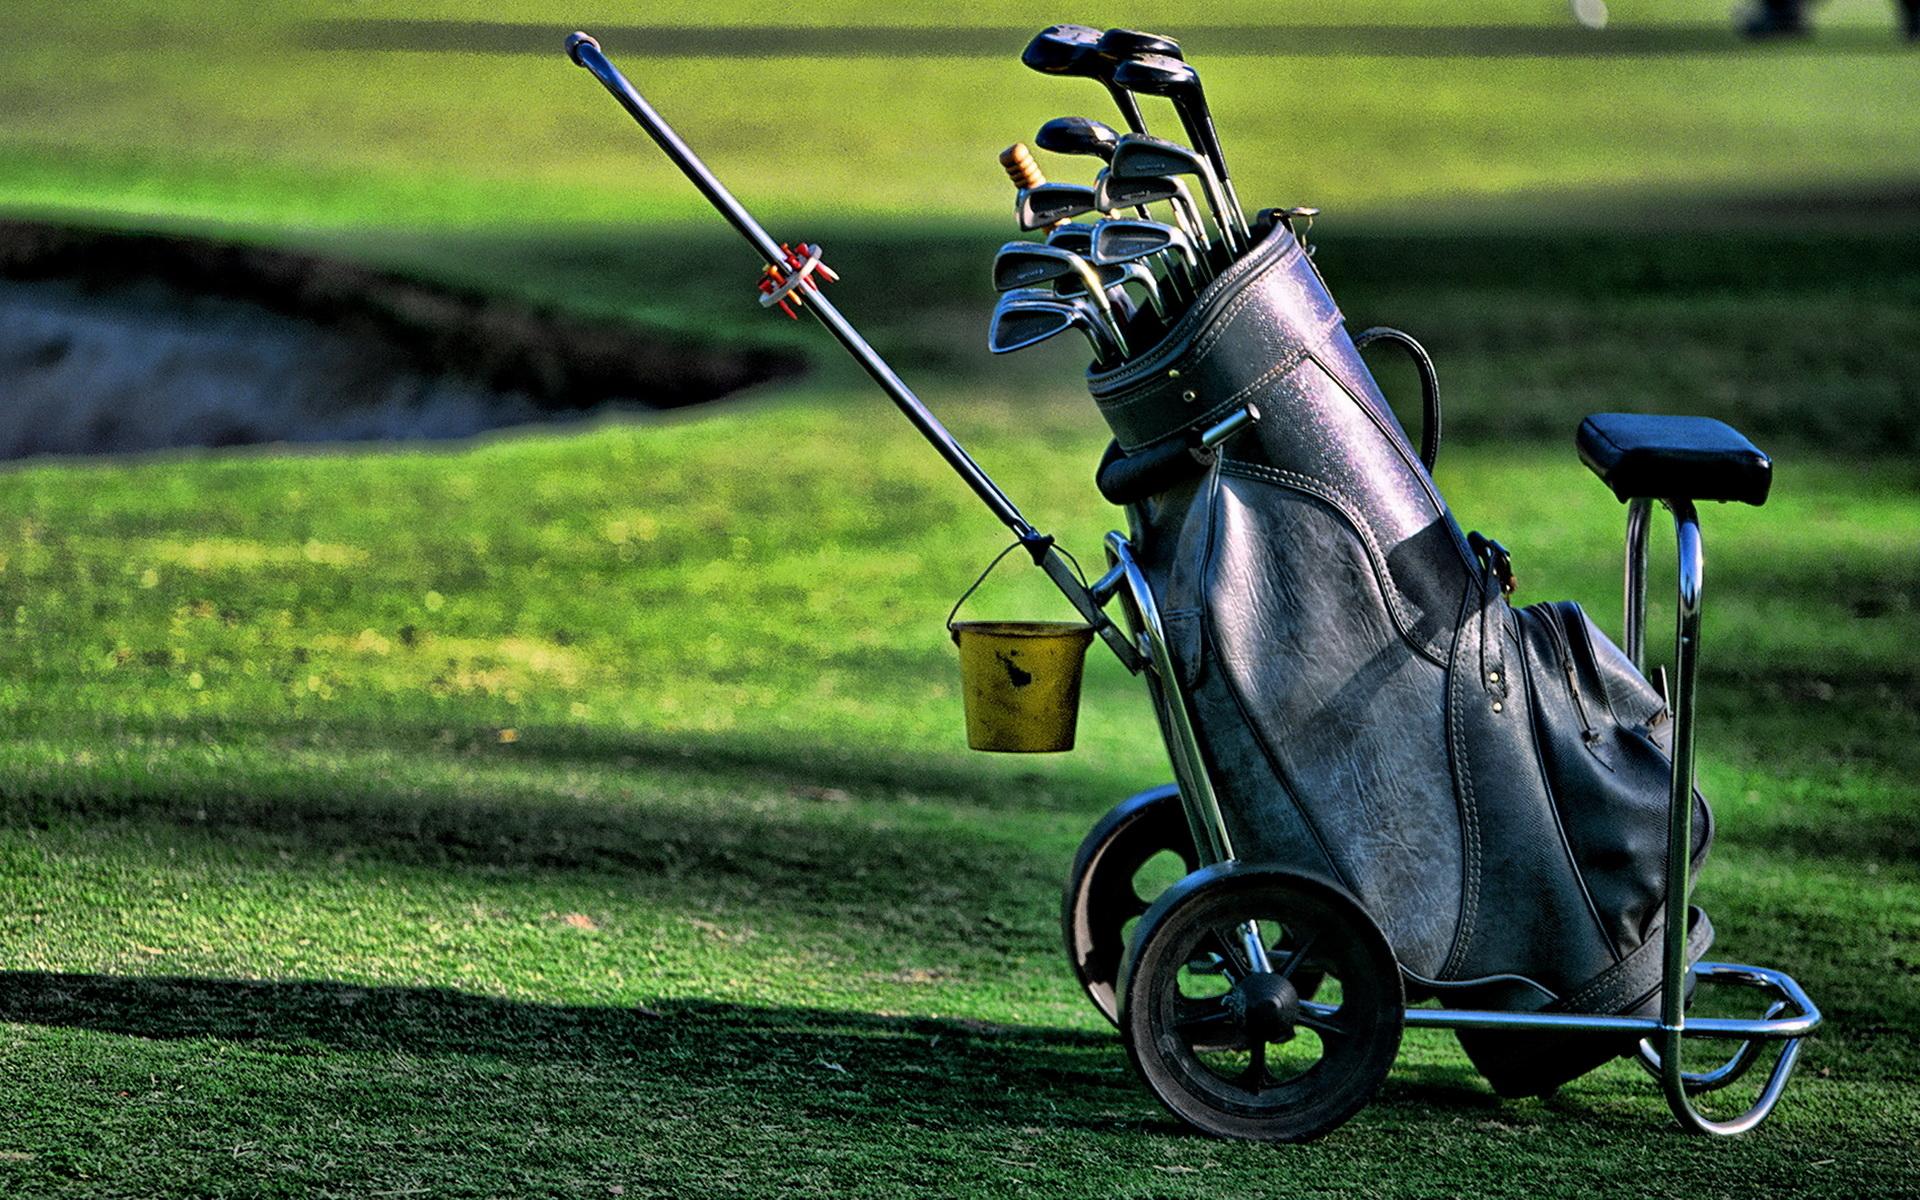 стало картинки клюшек для гольфа этот период стенки